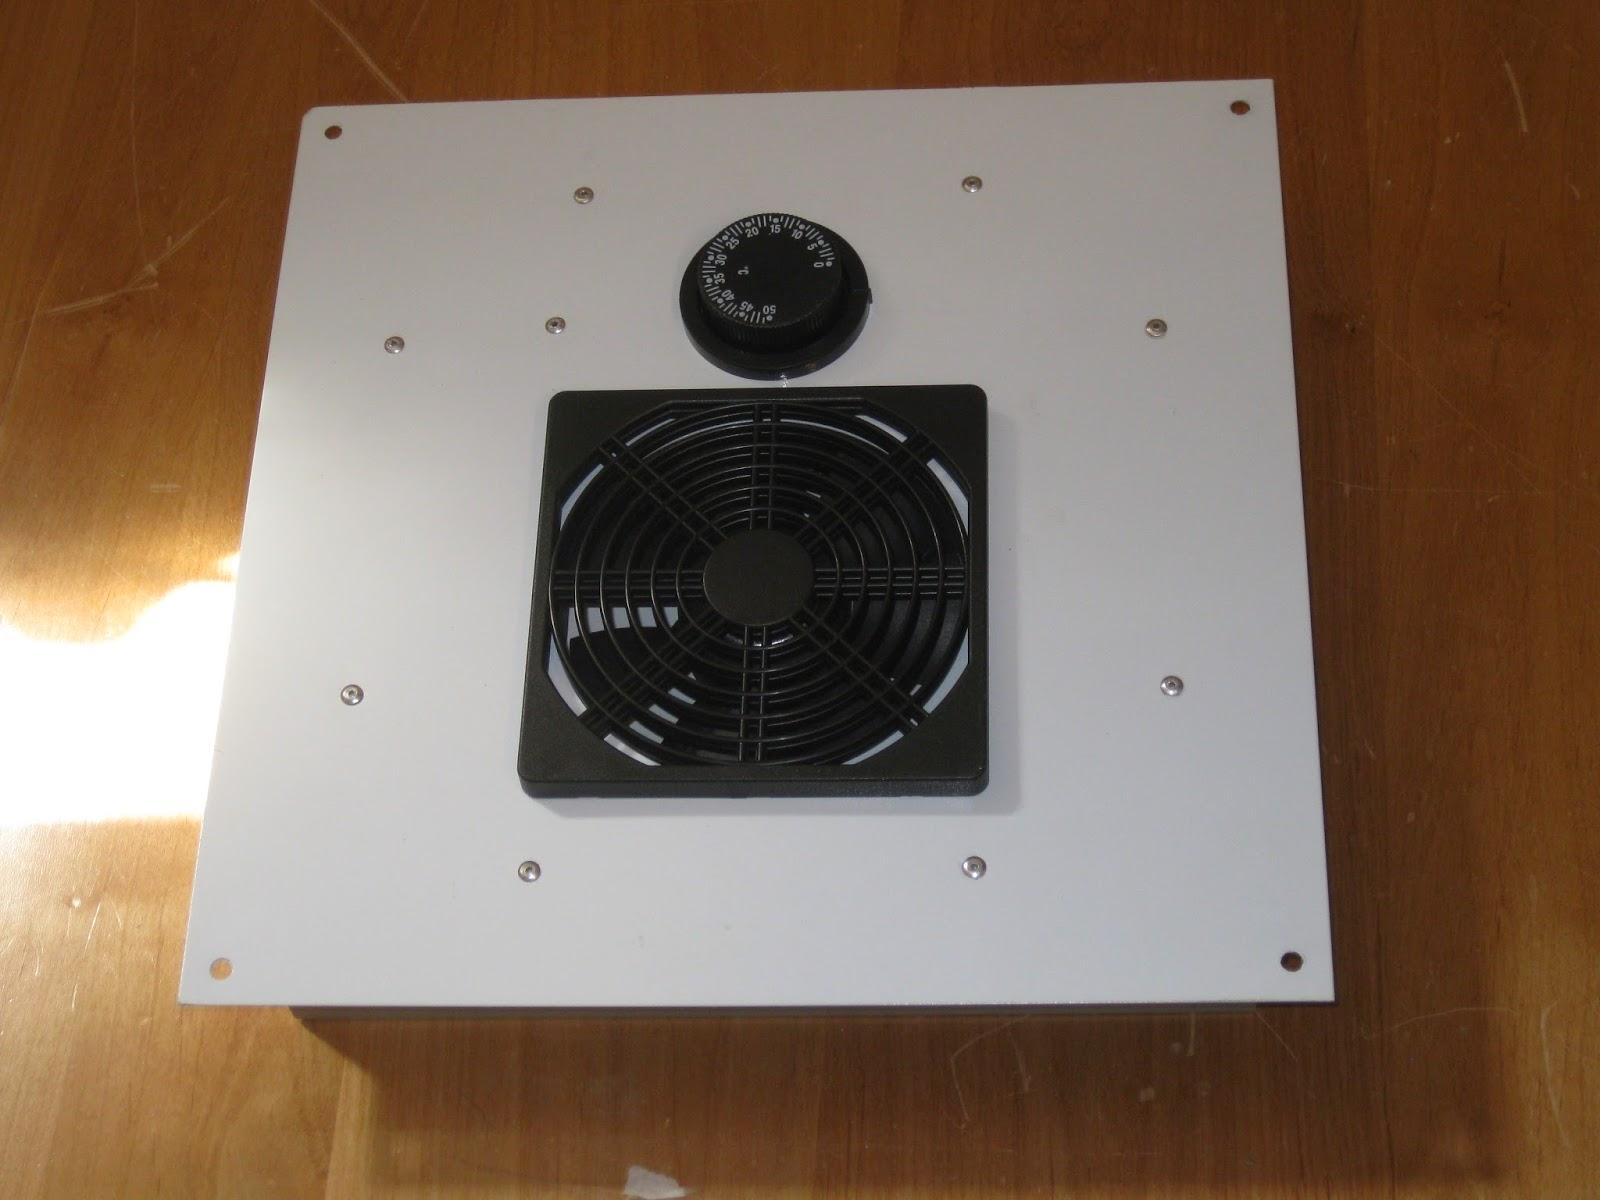 Solar Thermostatic Ventilator Fan Vent Greenhouses Attic